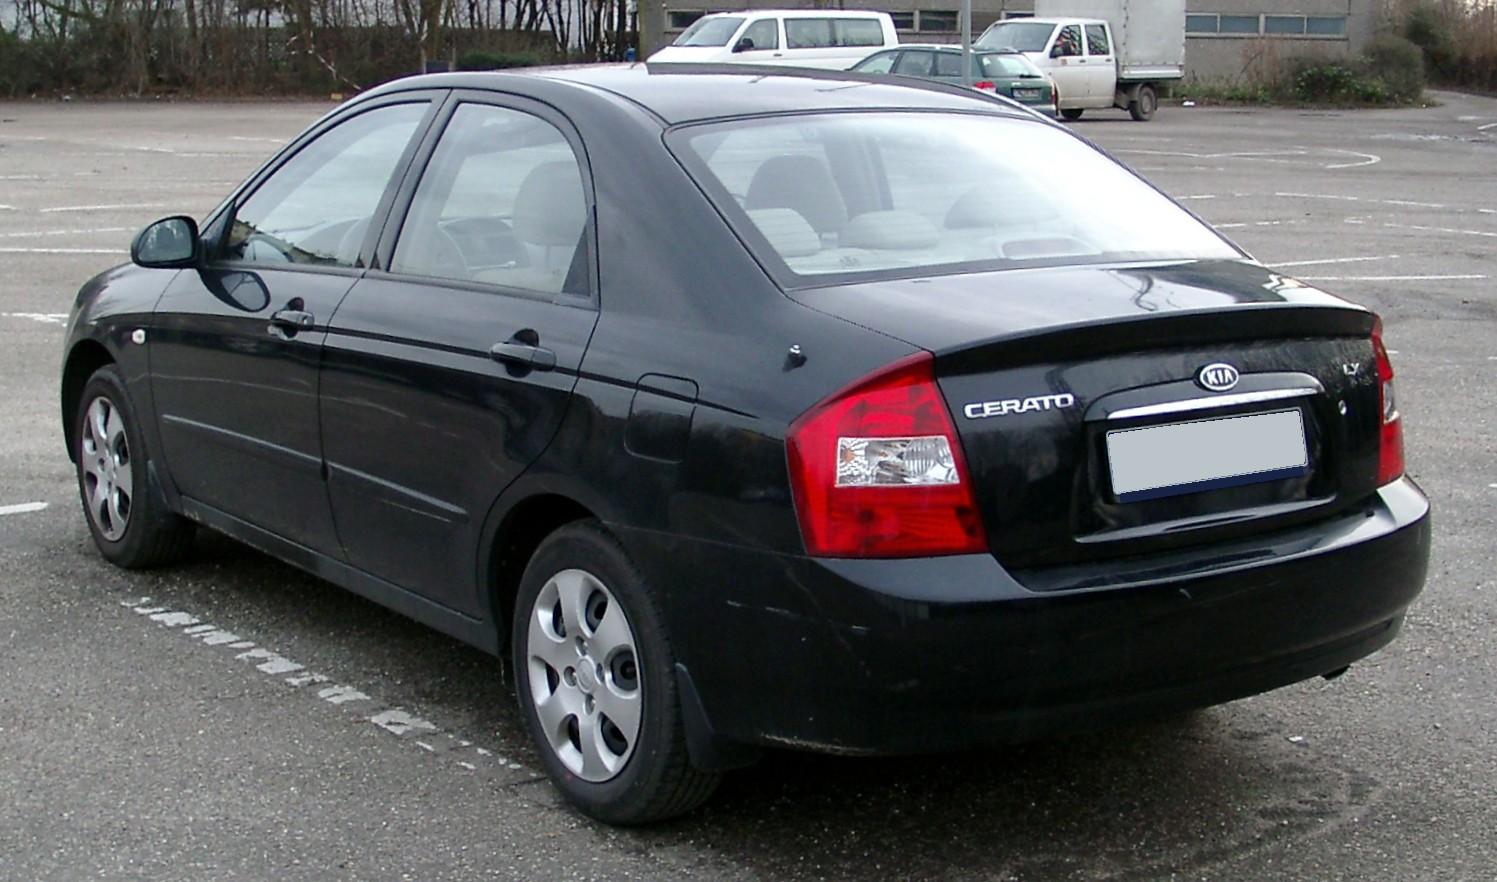 киа церато 2008 седан фото